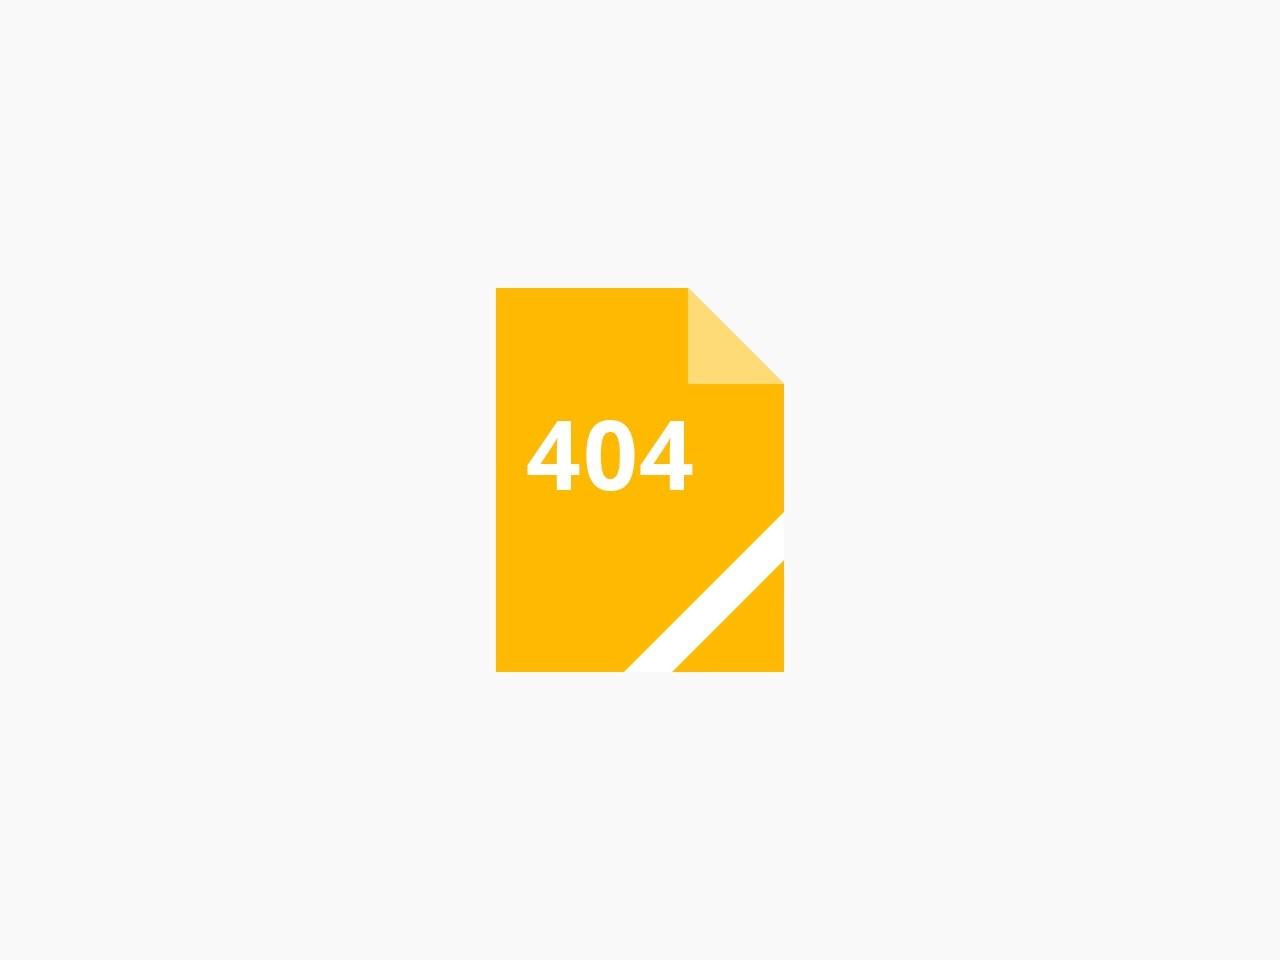 天天特惠网_www.tehui365.cn_打折导购_第一雅虎网